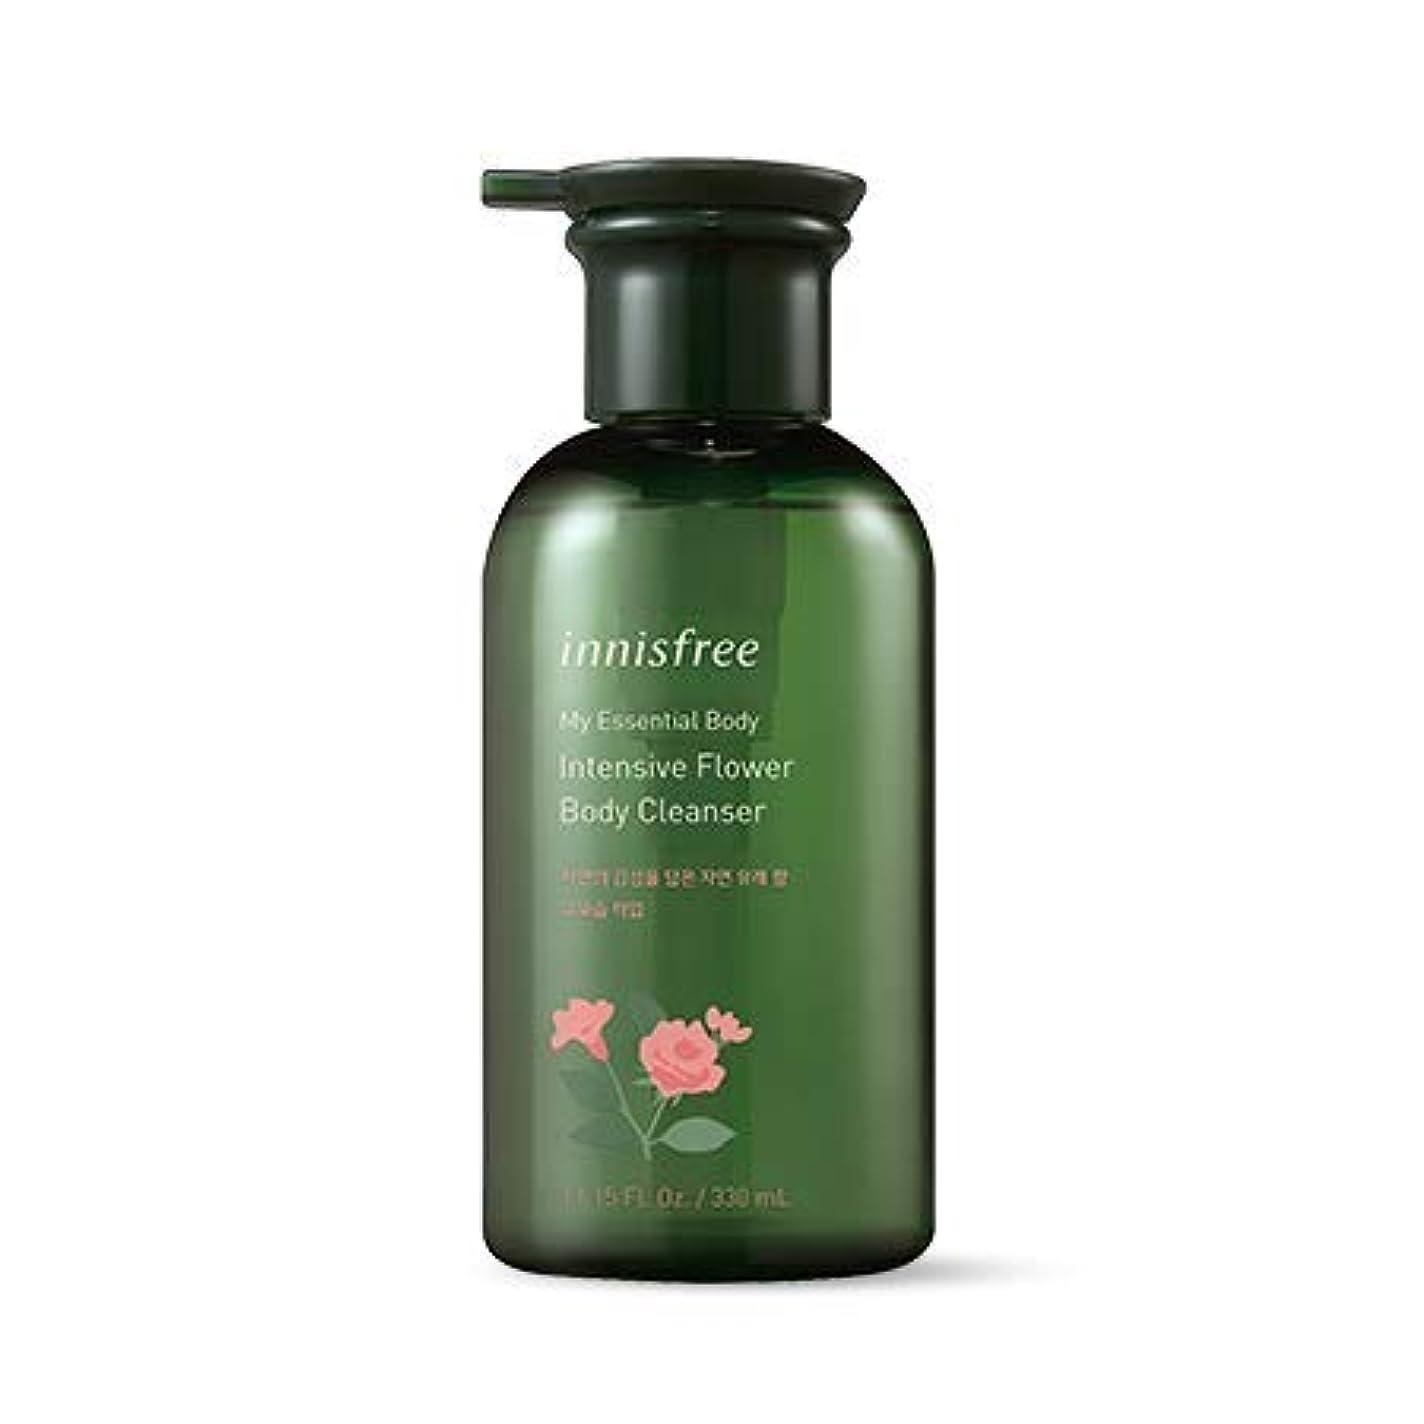 弾性レシピ文明[イニスフリー.innisfree]マイエッセンシャルボディインテンシブフラワーボディクレンザー330mL)2019 new)/ My Essential Body Intensive Flower Body Cleanser